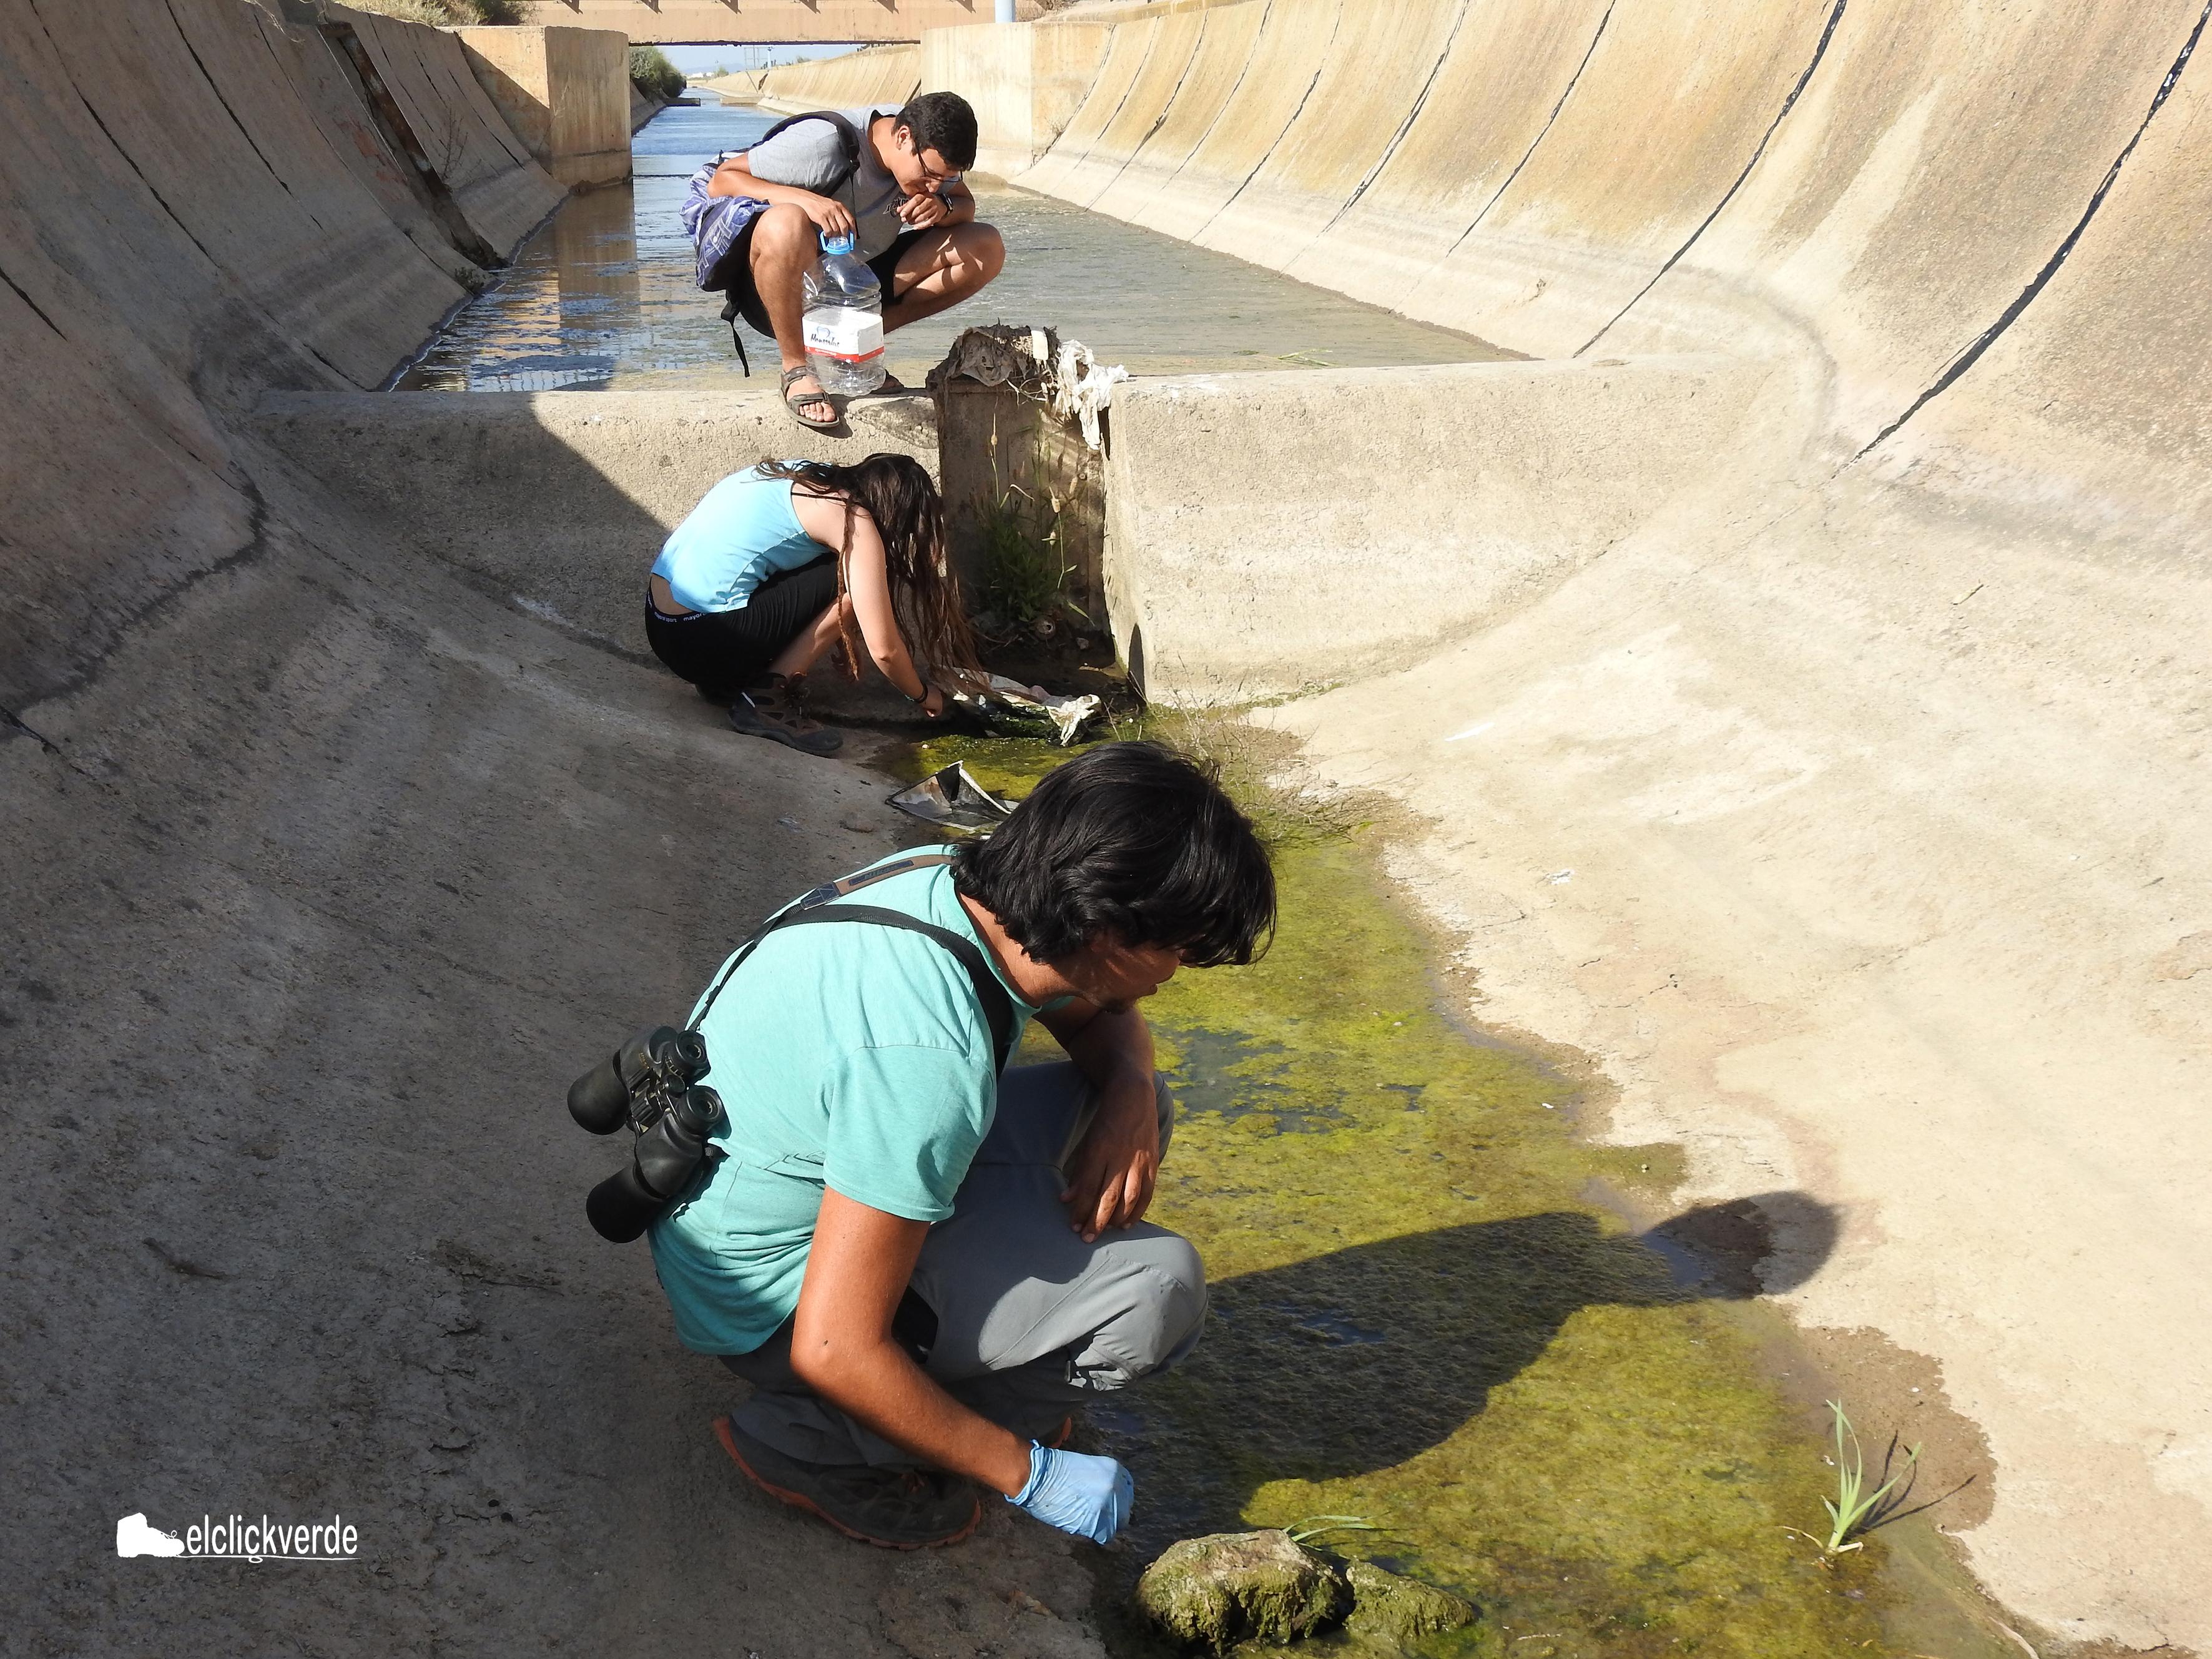 Rebuscando en el pequeño acúmulo de agua y fango